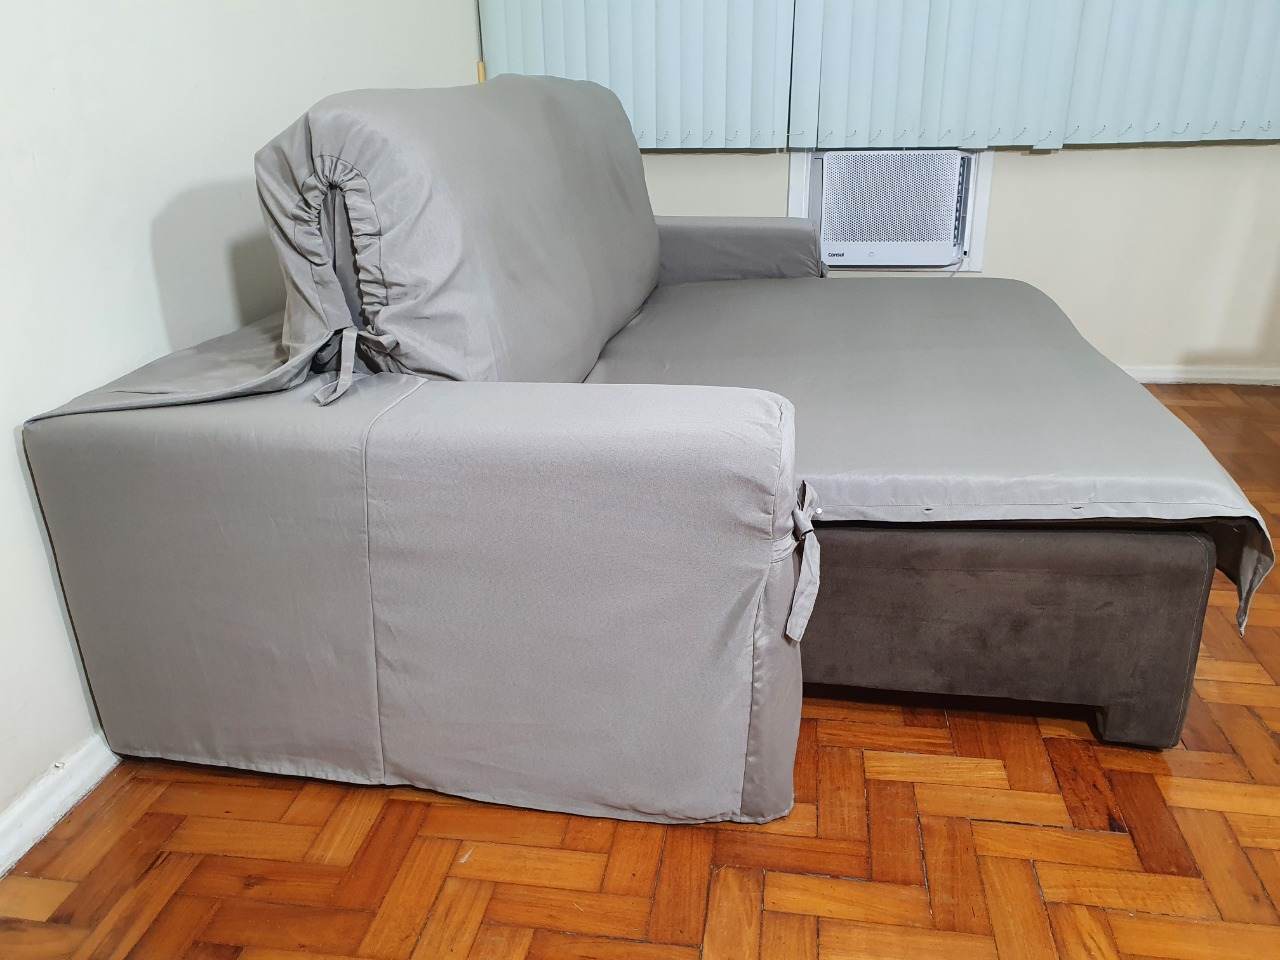 Capa p/ Sofá Retrátil e Reclinável em GORGURÃO CINZA - Veste Sofás de 1,50m até 1,95m